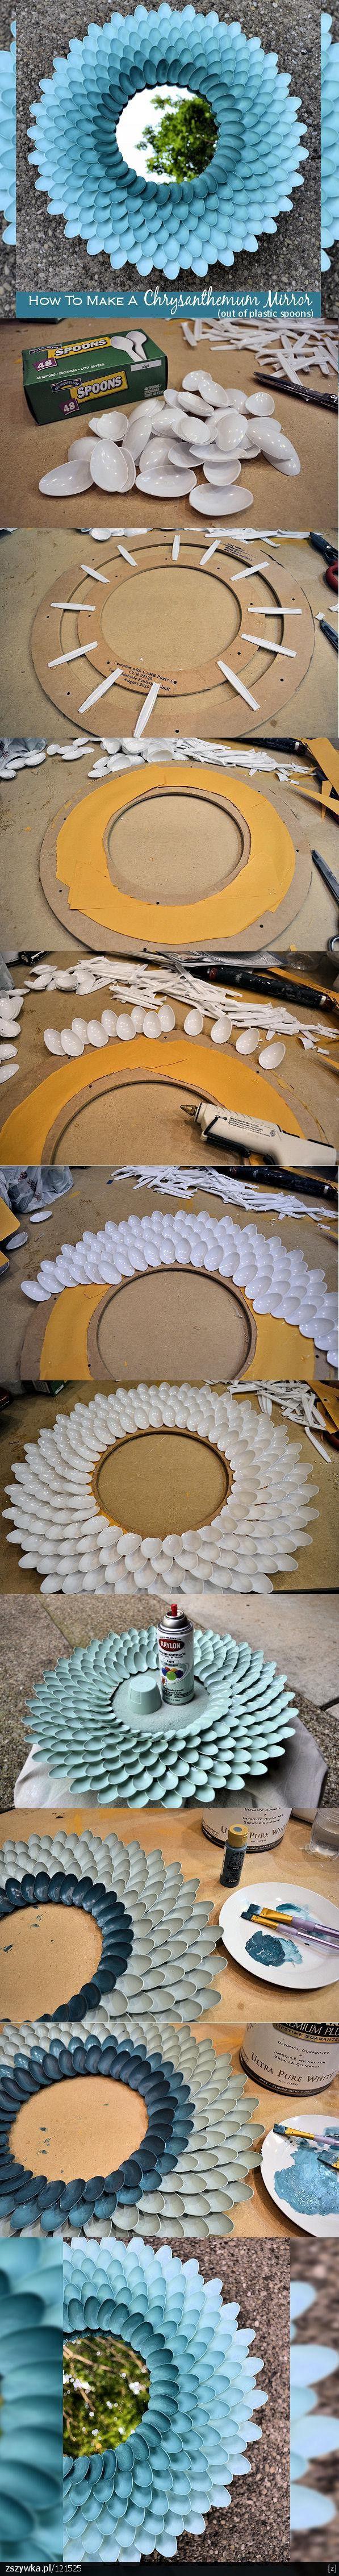 Cornice specchio con cucchiaini